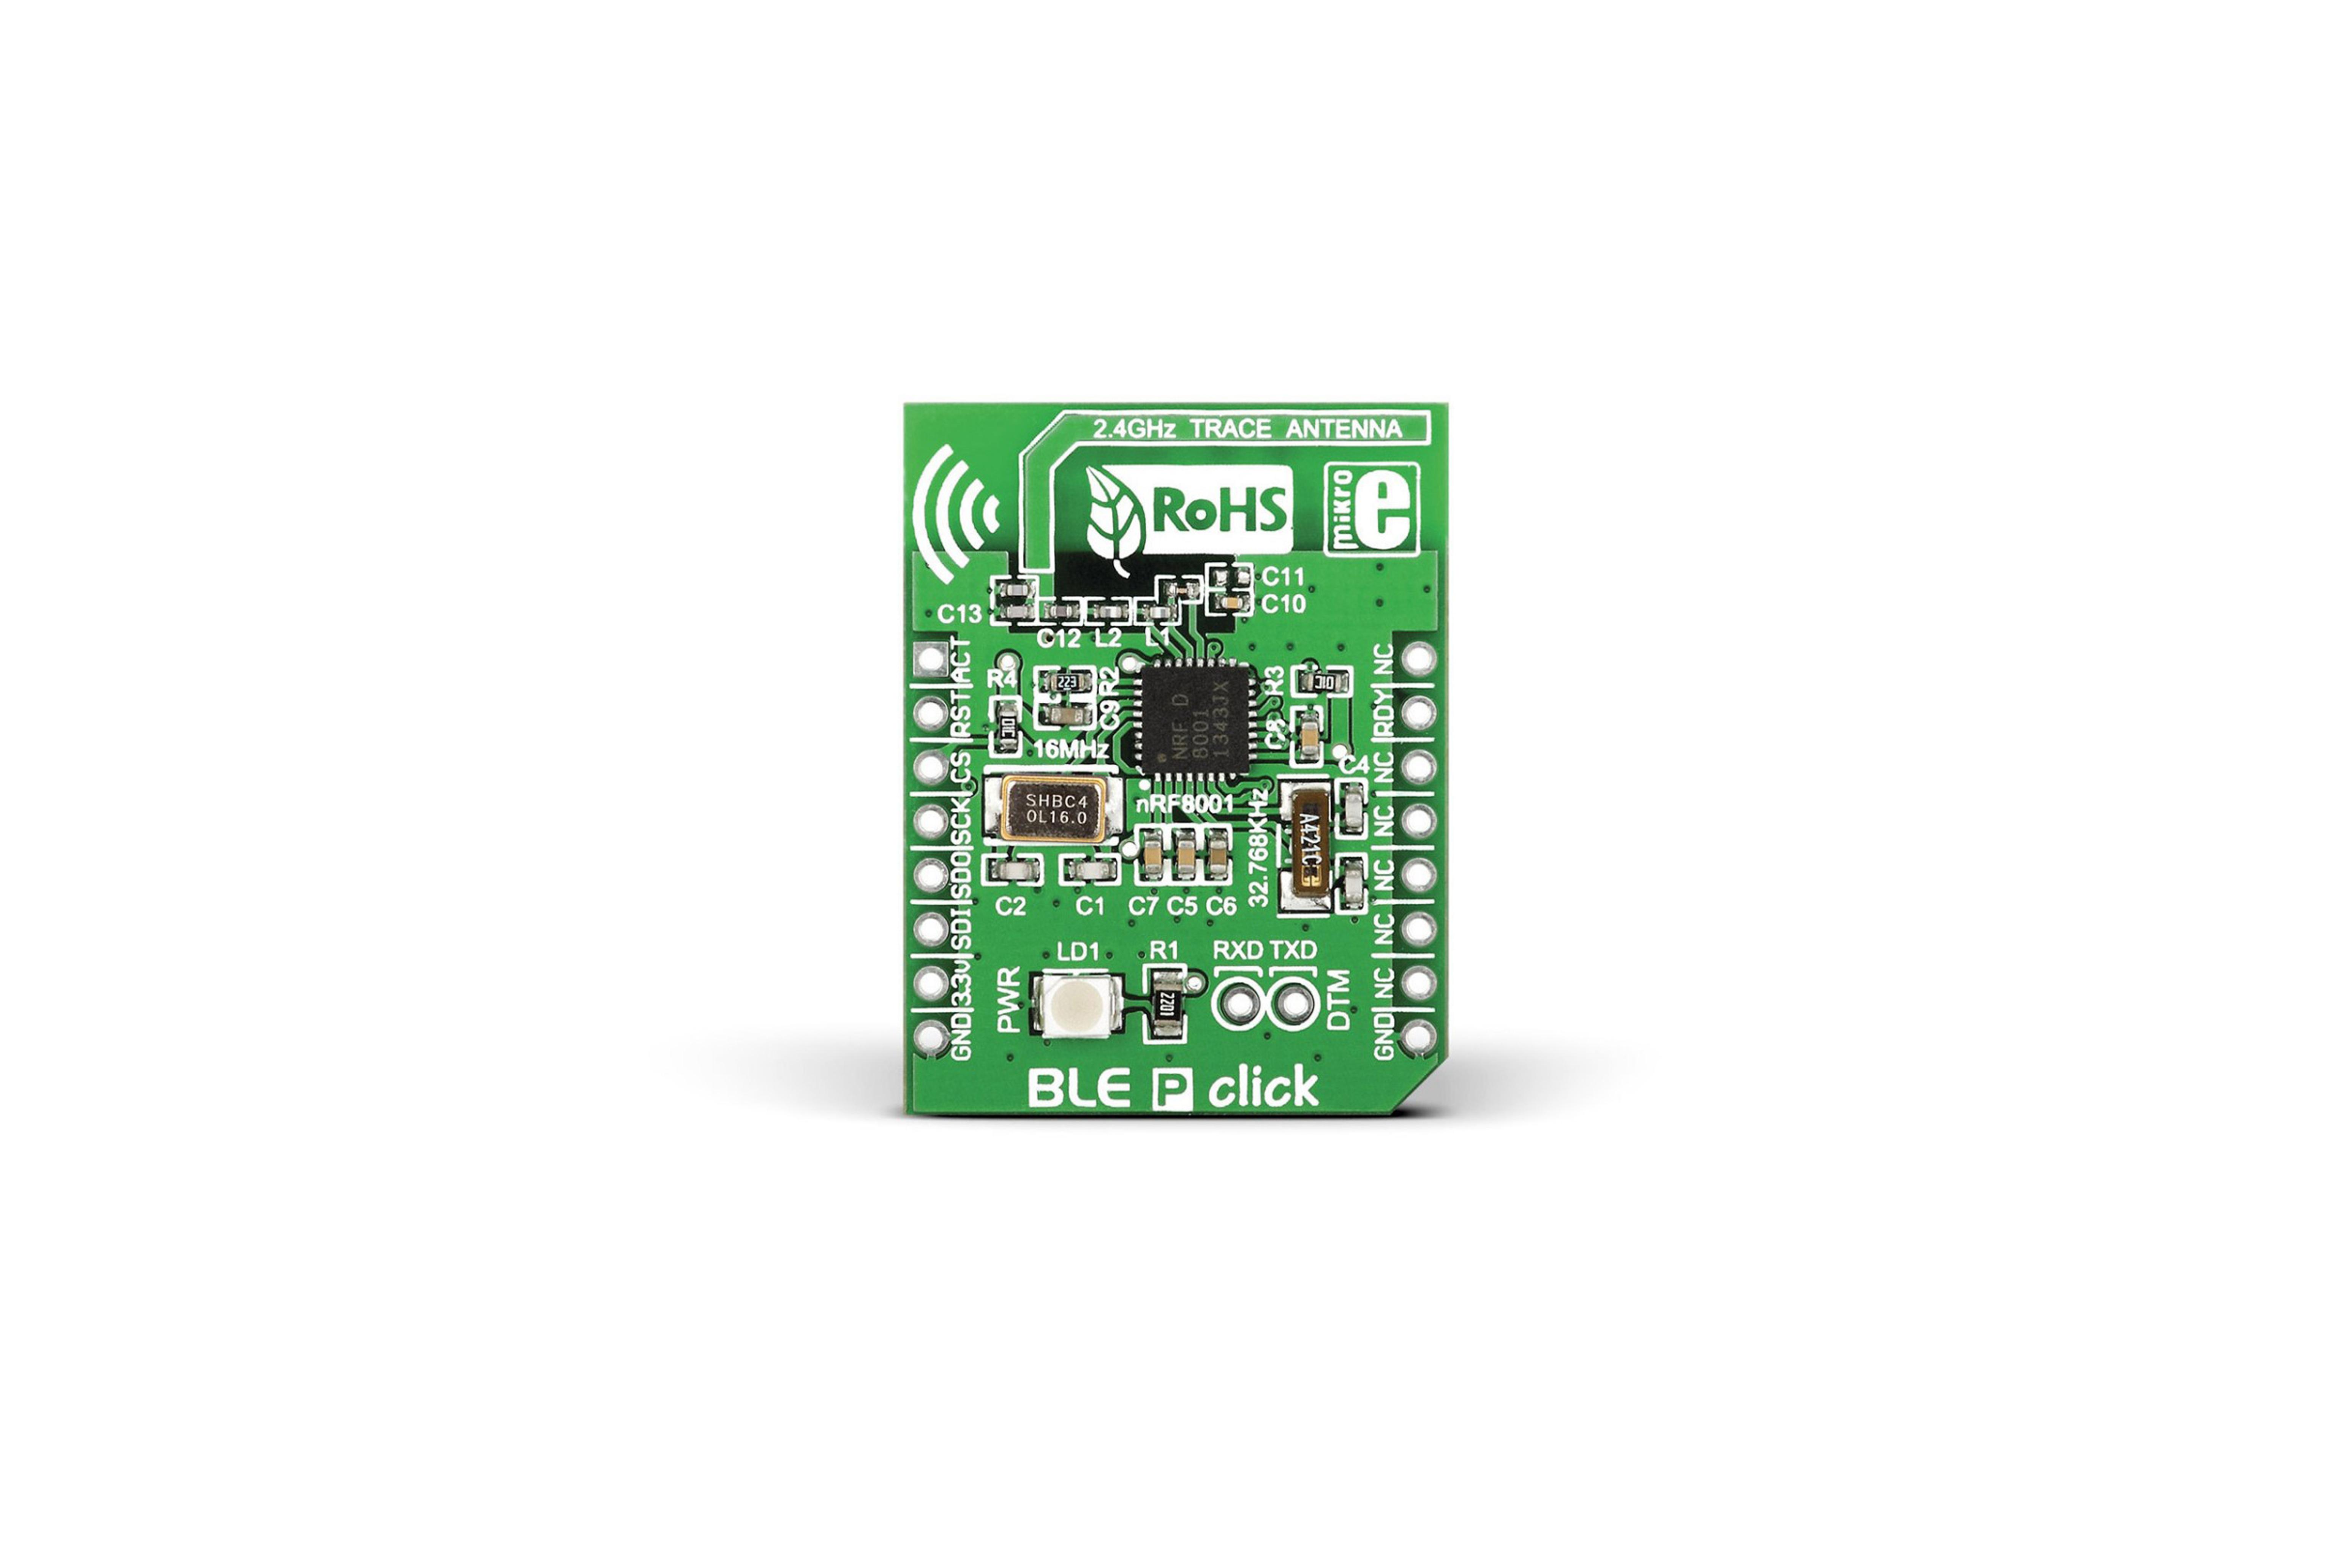 MikroElektronika BLE Smart MikroBus Click Board per nRF8001